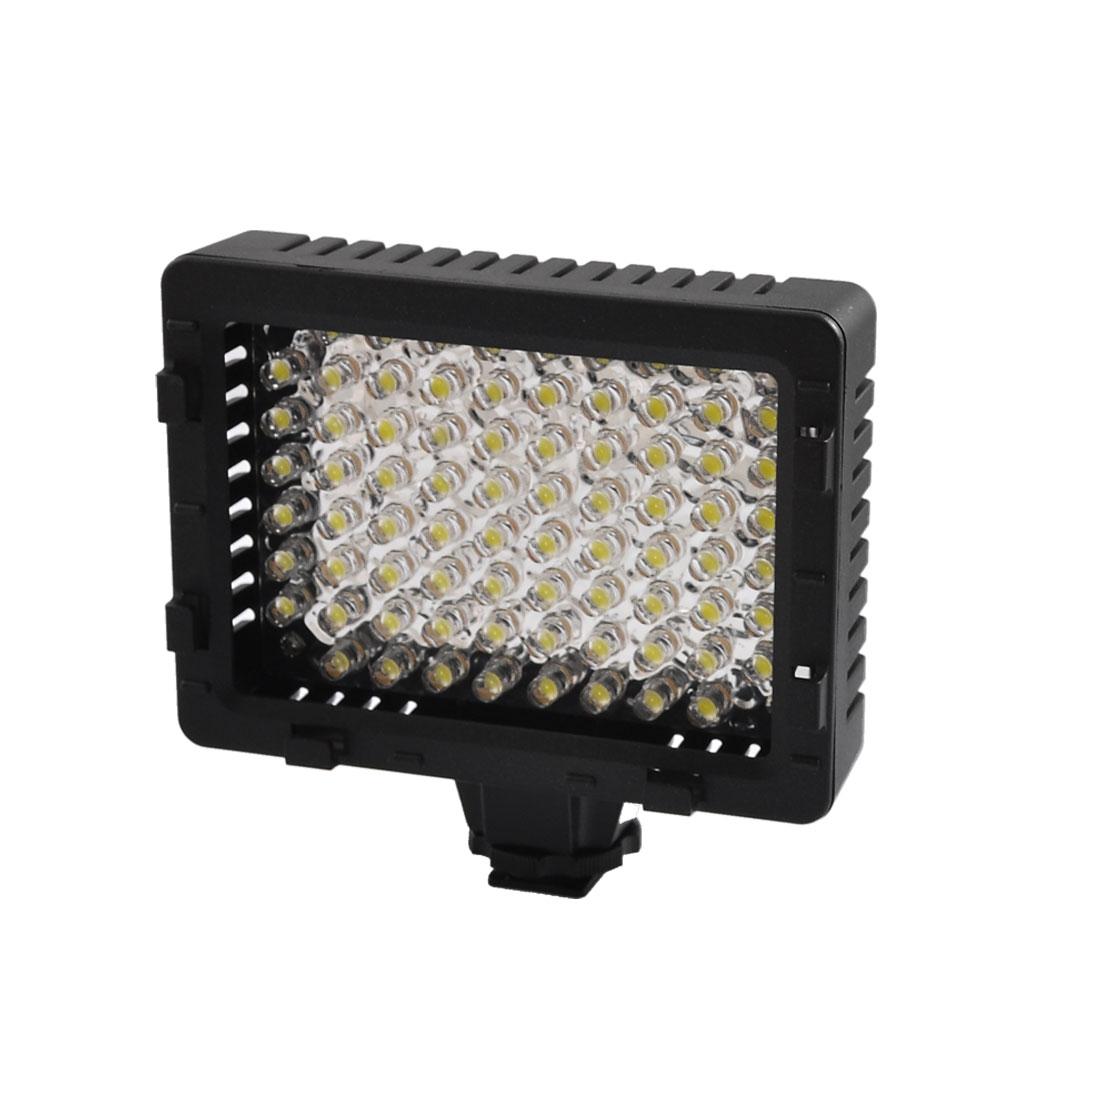 Photography White 76 LEDs DV Camcorder Video Light Lamp